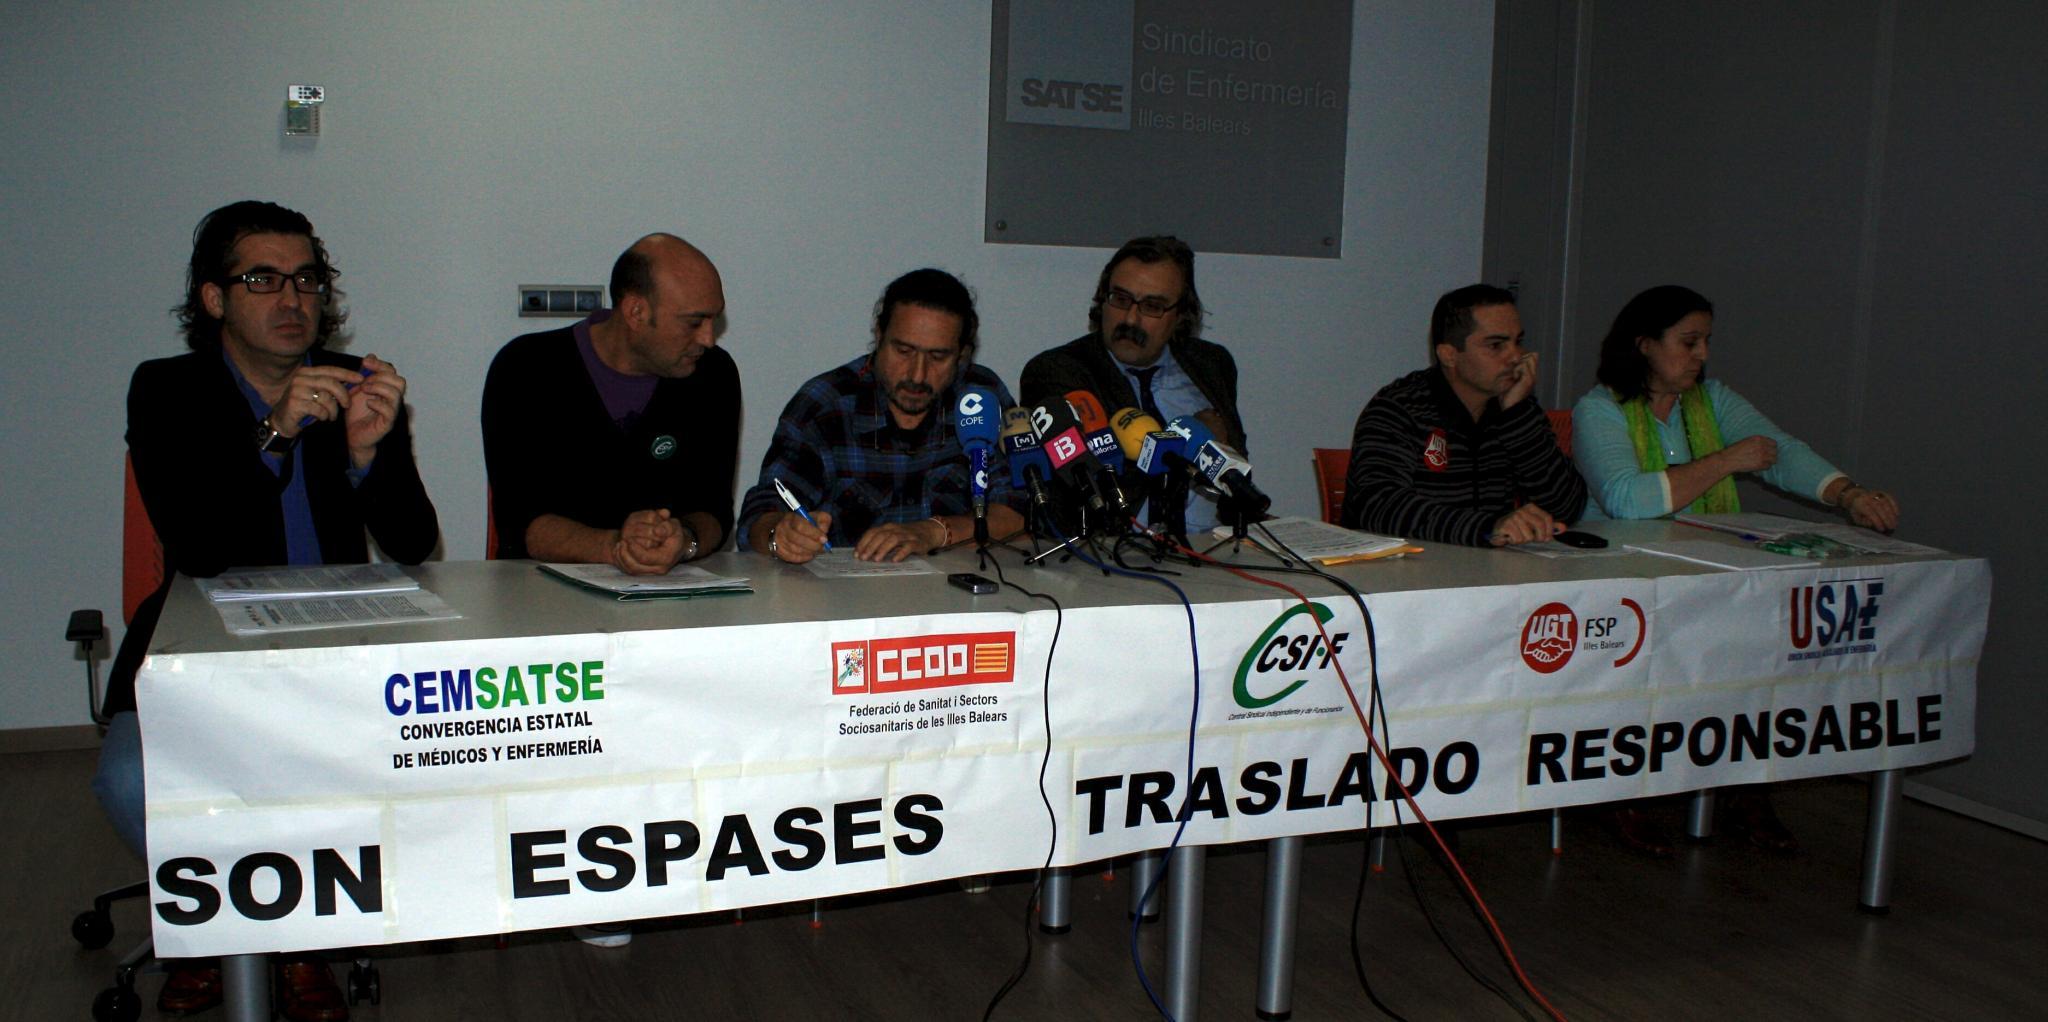 Salut no cambia el calendario del traslado a Son Espases a pesar de las protestas